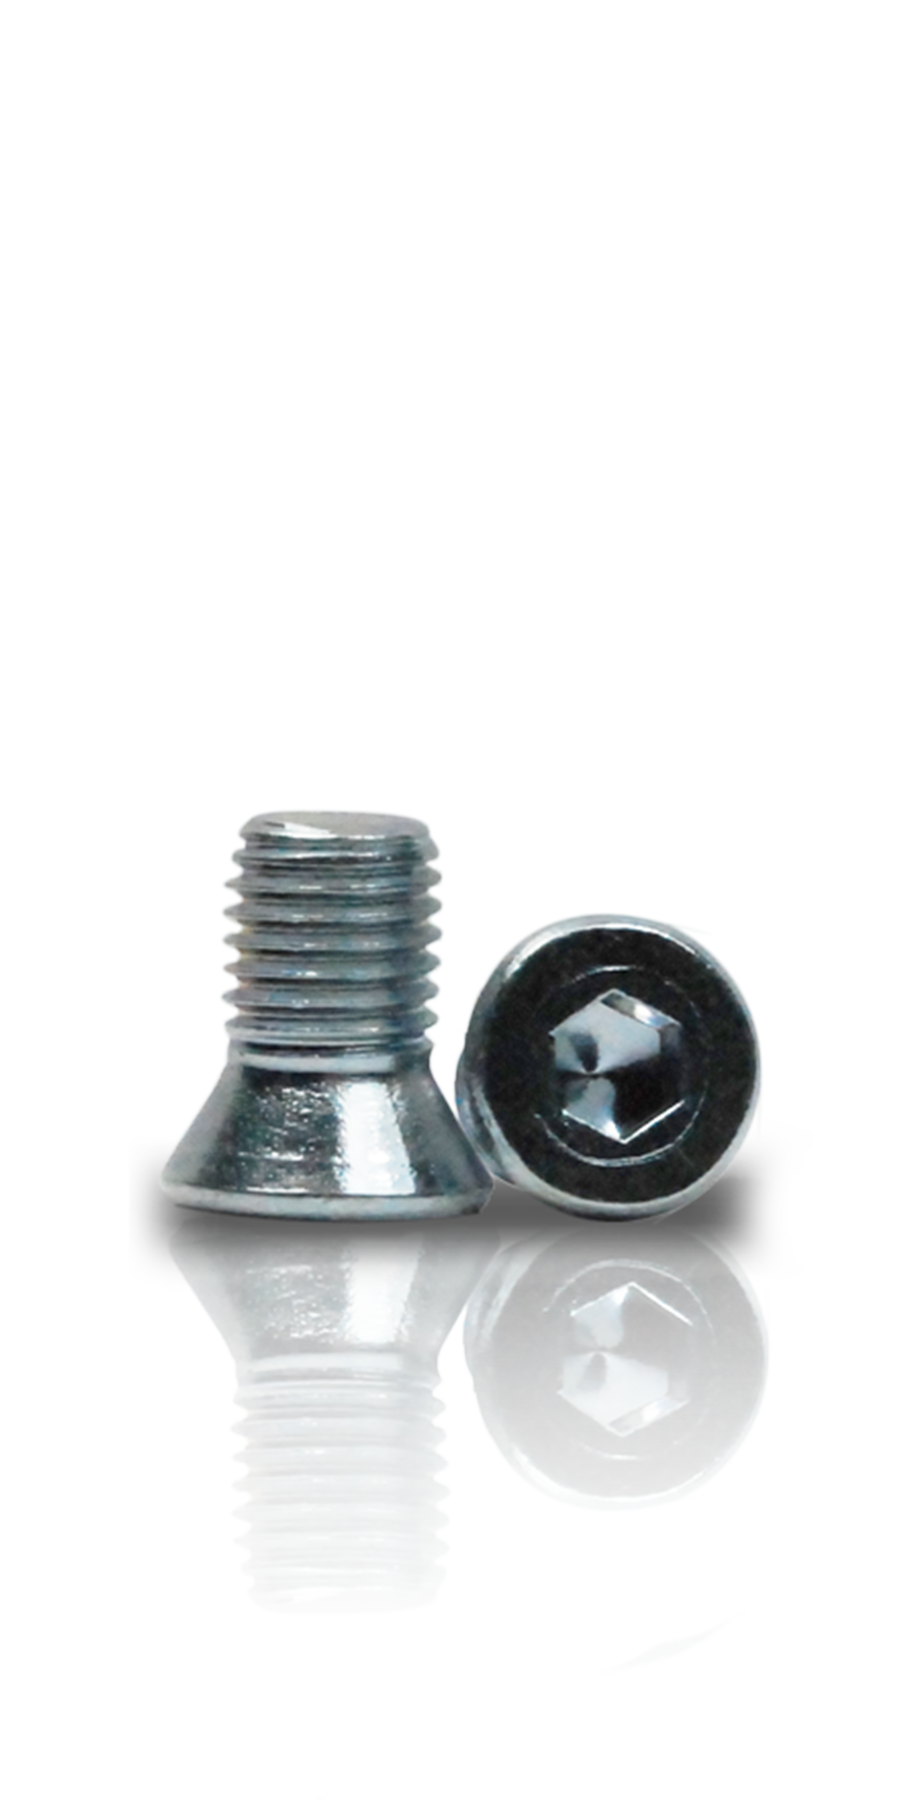 Viti per accessori alluminio 7